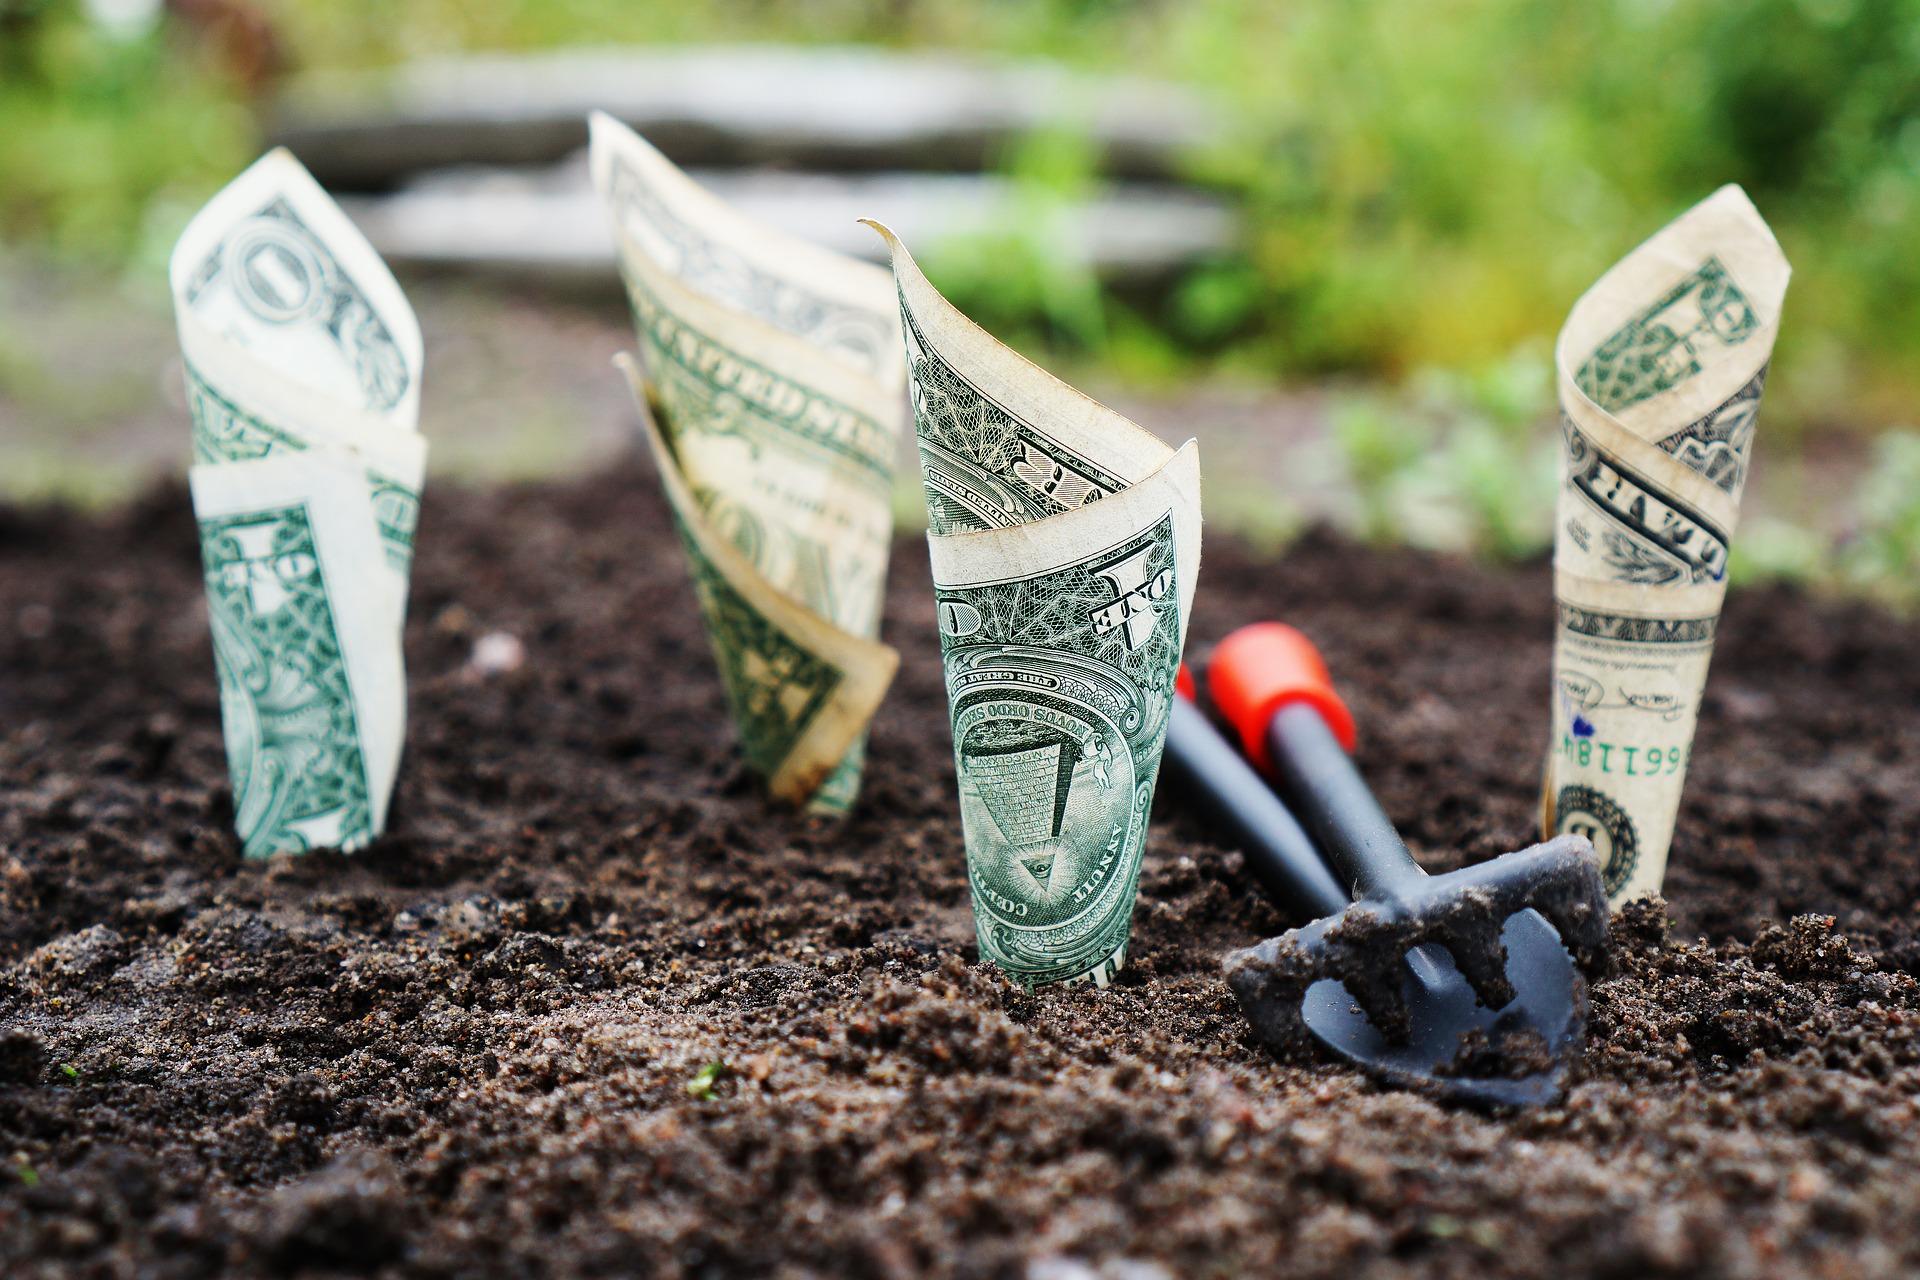 Investir poupanças em certificados do tesouro